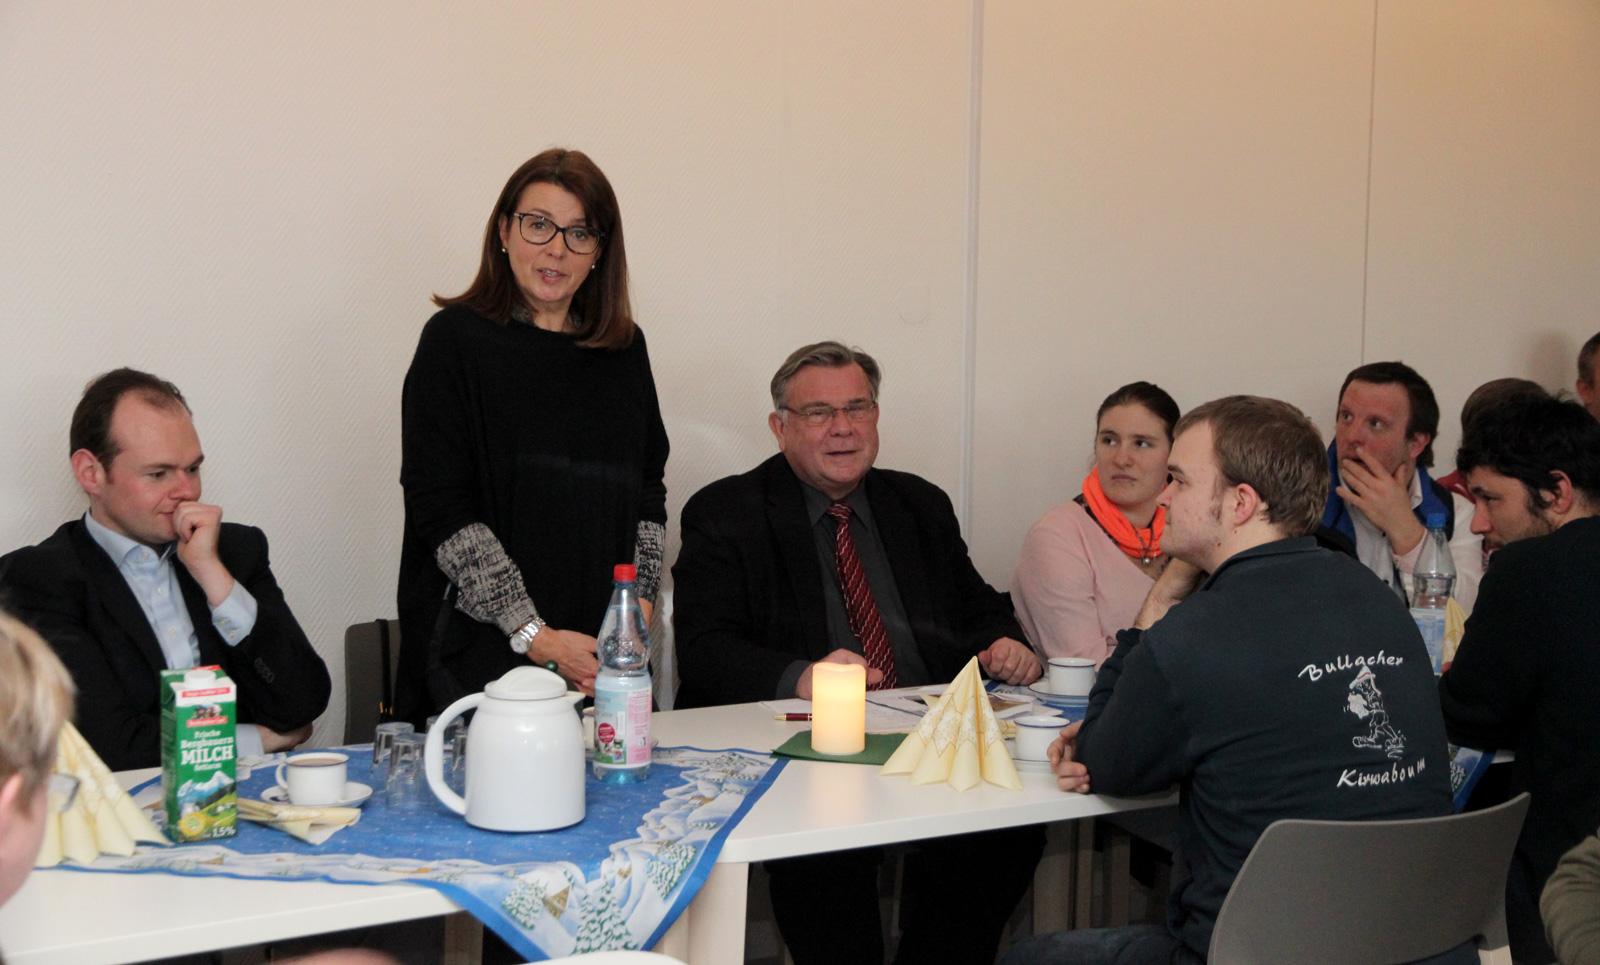 """Isabelle Müller, neu im Vorstand und Fachvorstand des Bereichs """"T-ENE"""", stellte sich dem Gremium """"Betreutenvertreter"""" vor."""